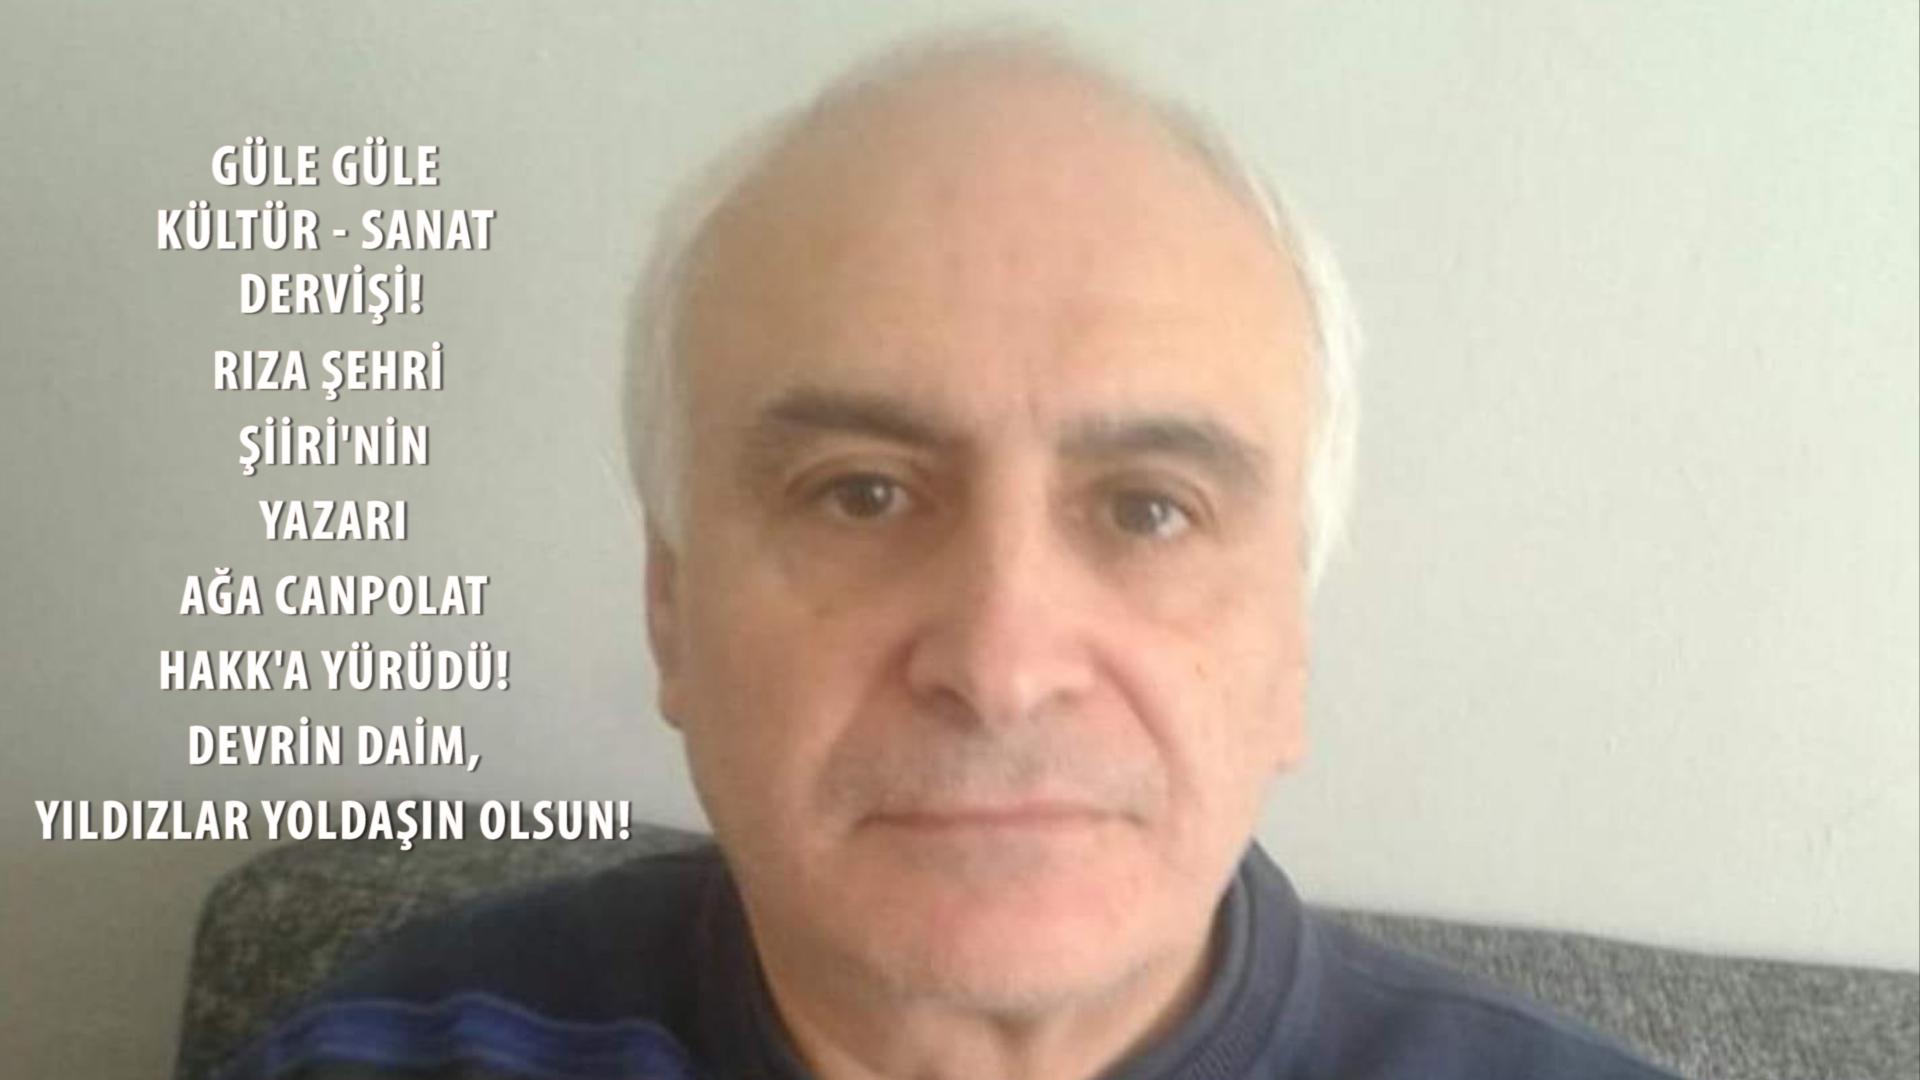 RIZA ŞEHRİ ŞİİR'NİN YAZARI, AĞA CANPOLAT HAKK'A YÜRÜDÜ.